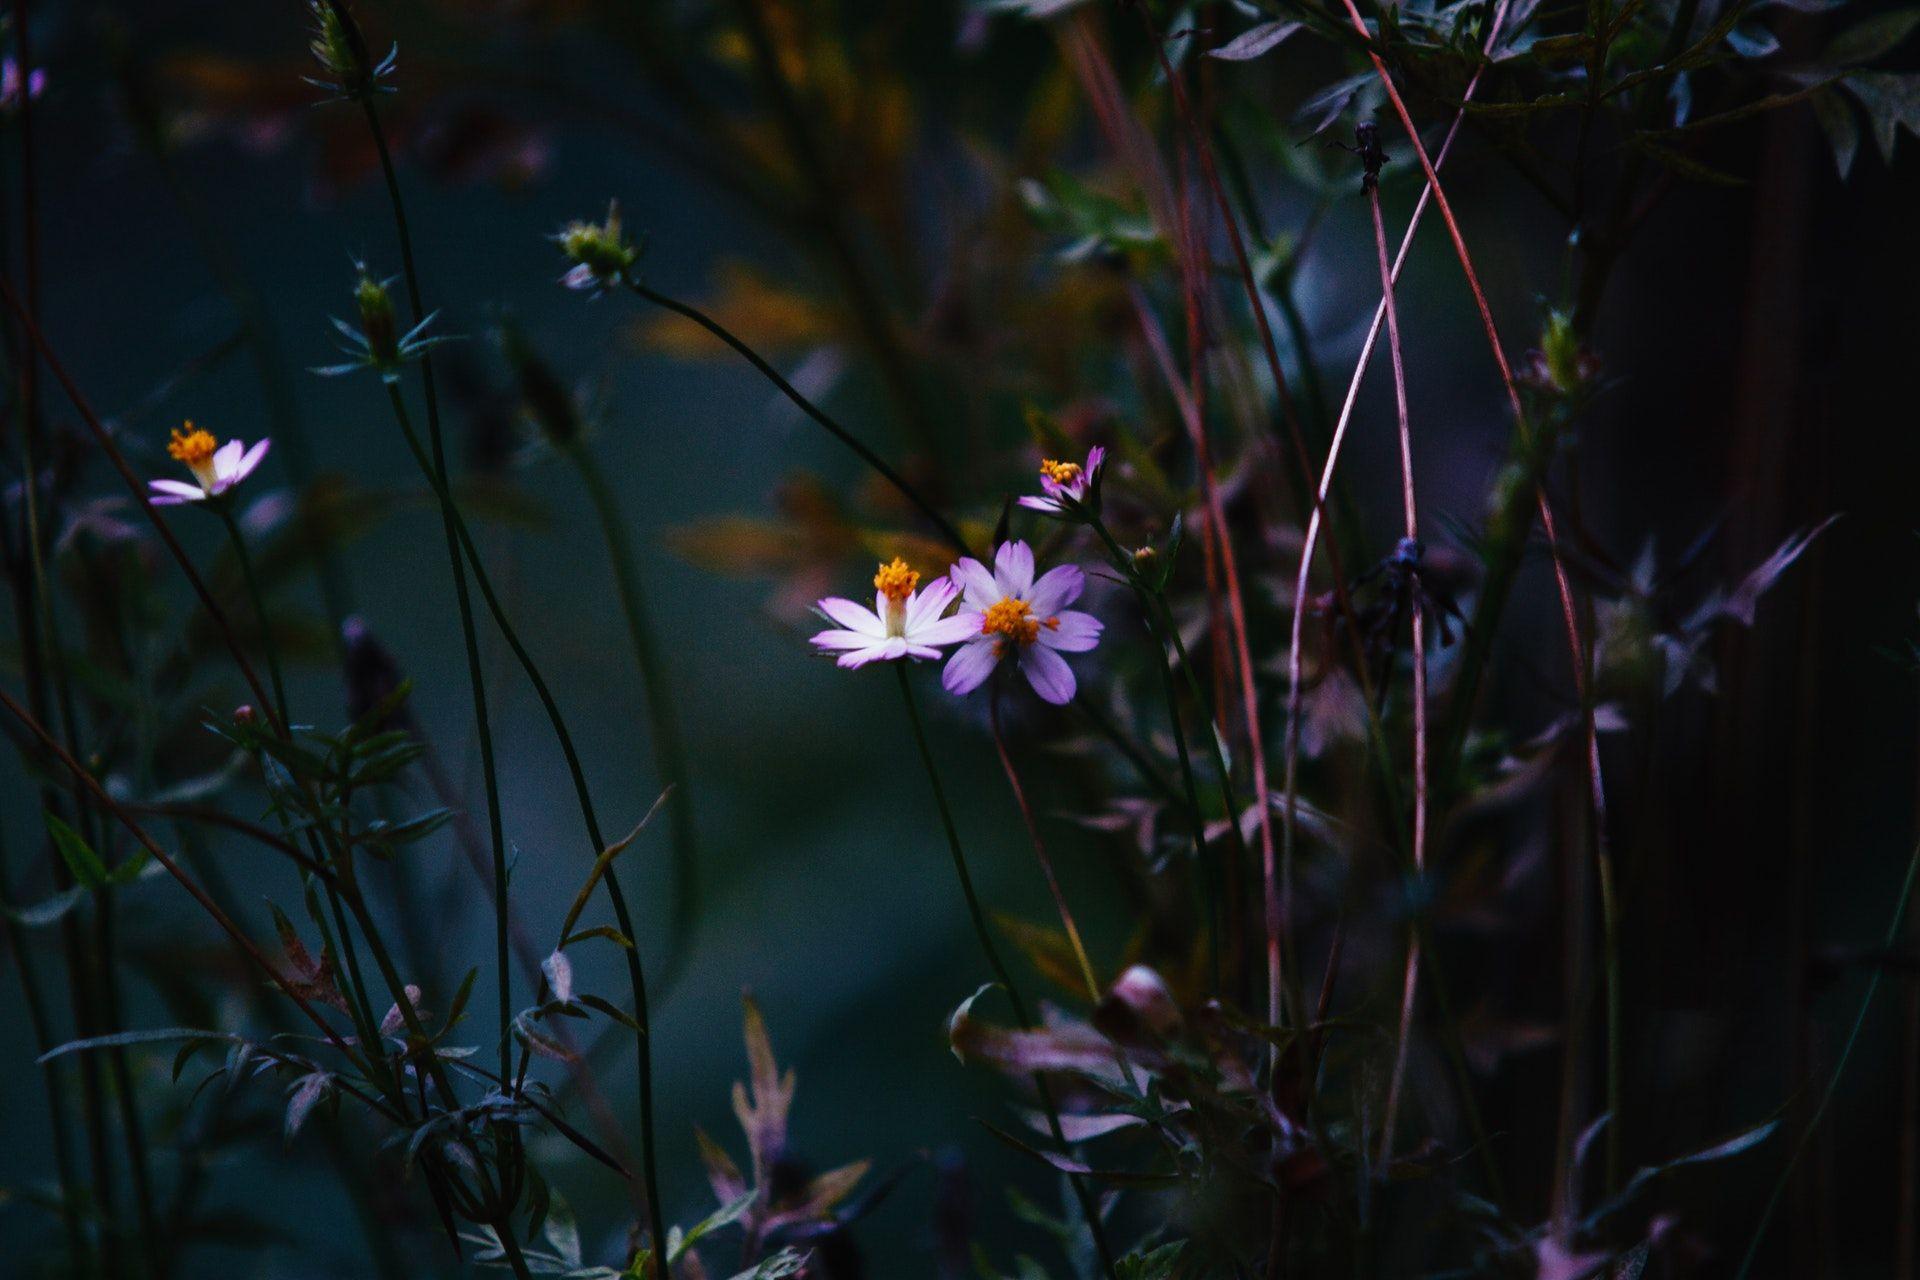 عکس زمینه گلبرگ گل سفید و بنفش پس زمینه